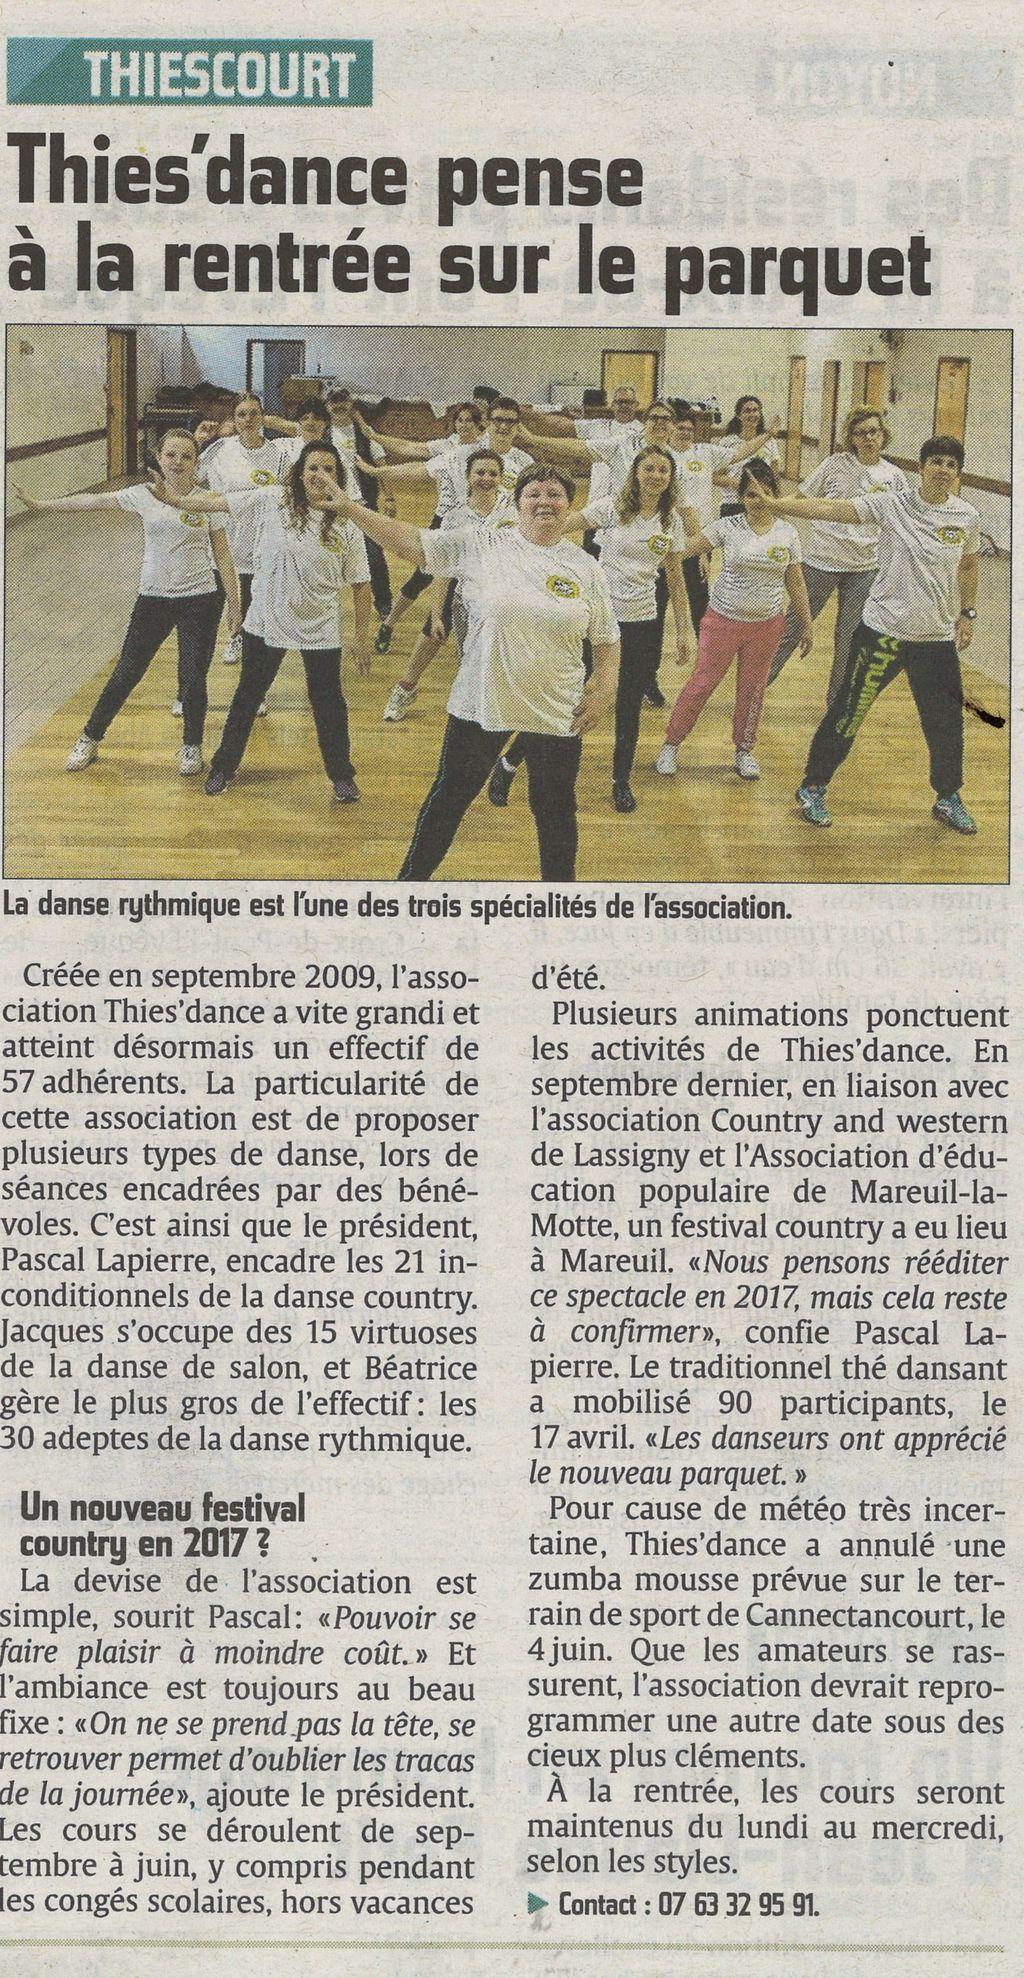 Les danseurs de l'association Thies'Dance sont satisfaits de la rénovation du parquet de la salle des fêtes.